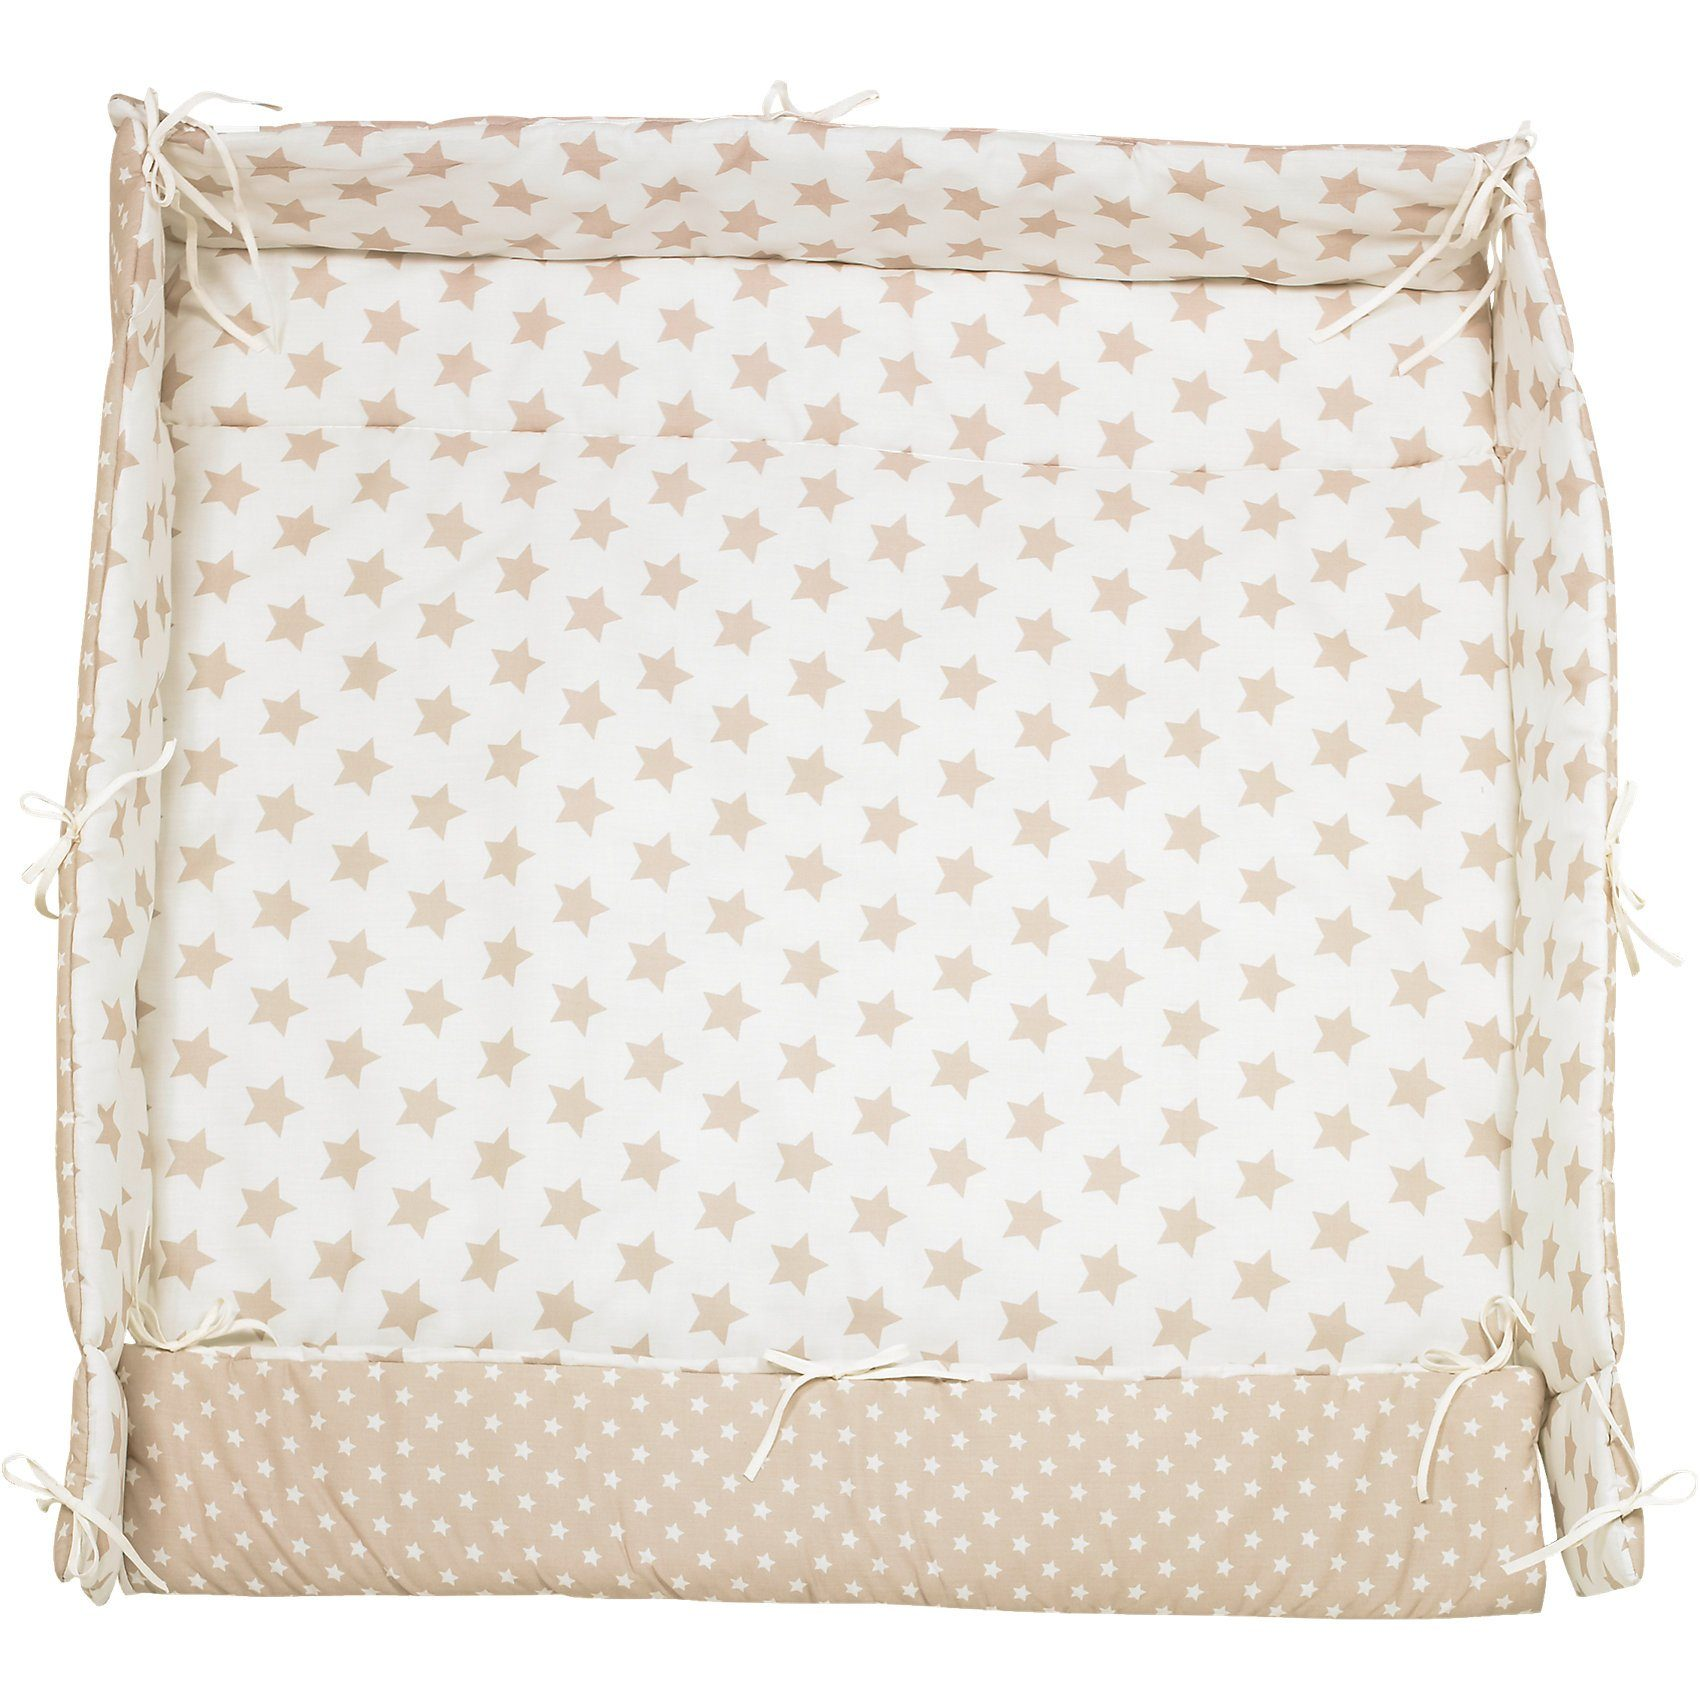 Alvi Laufgittereinlage Sterne, beige, 70 x 100 cm